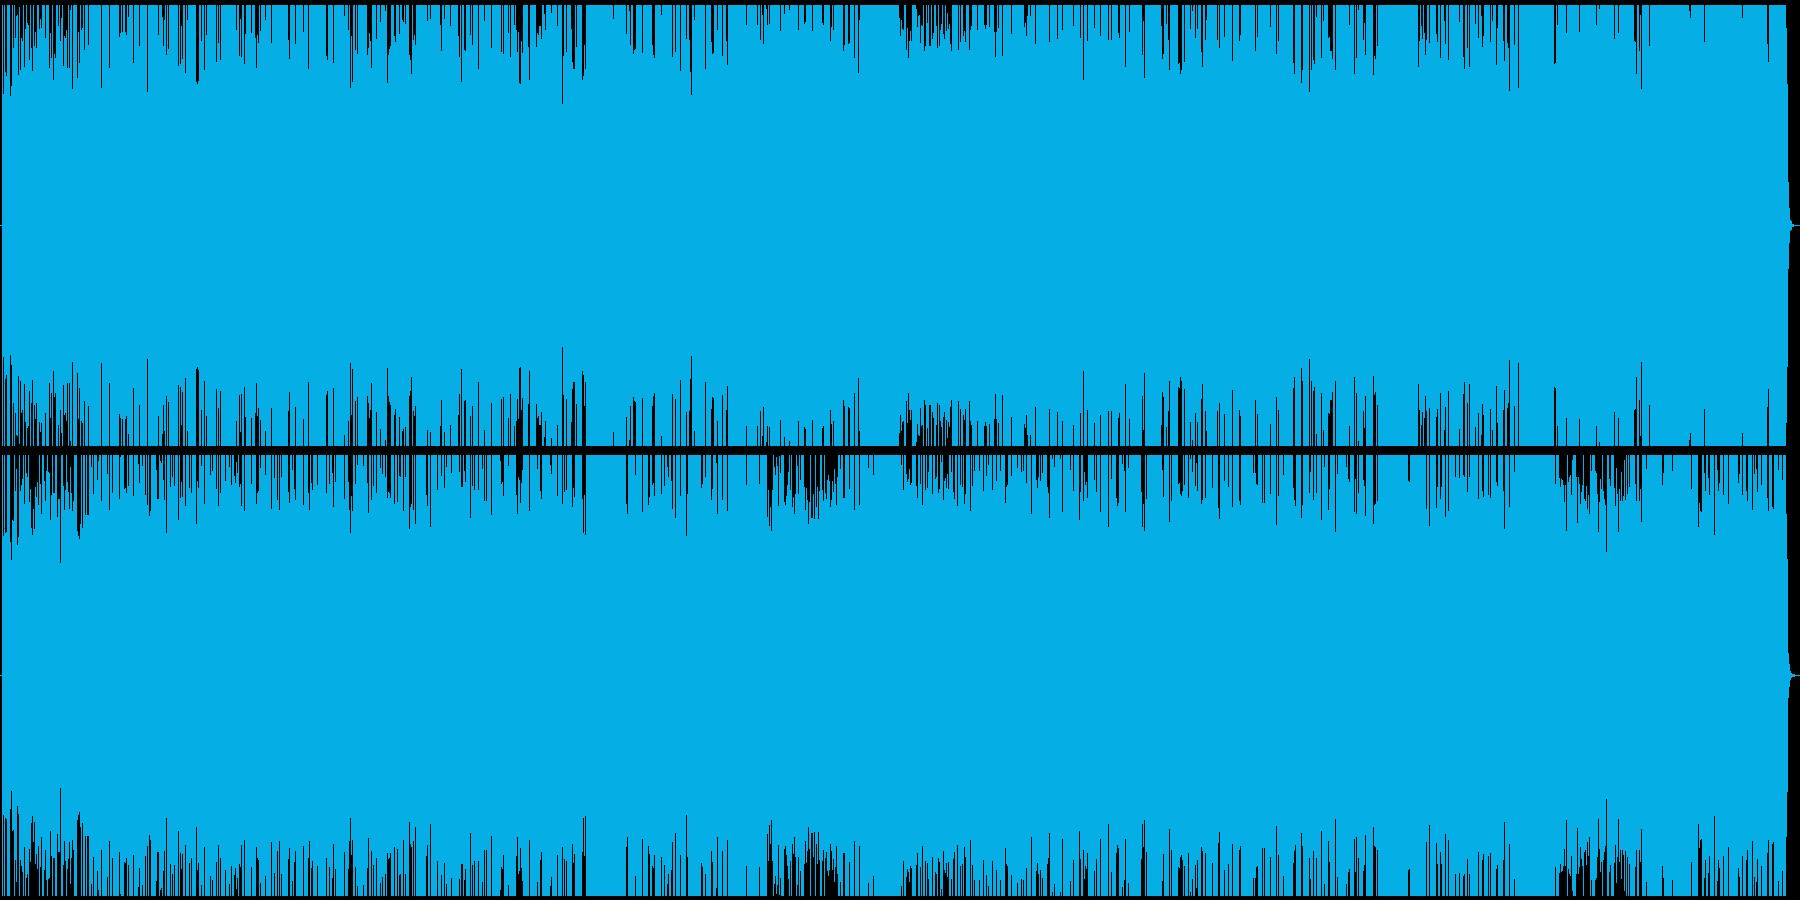 反抗期の怒りを綴ったパンクロック!の再生済みの波形